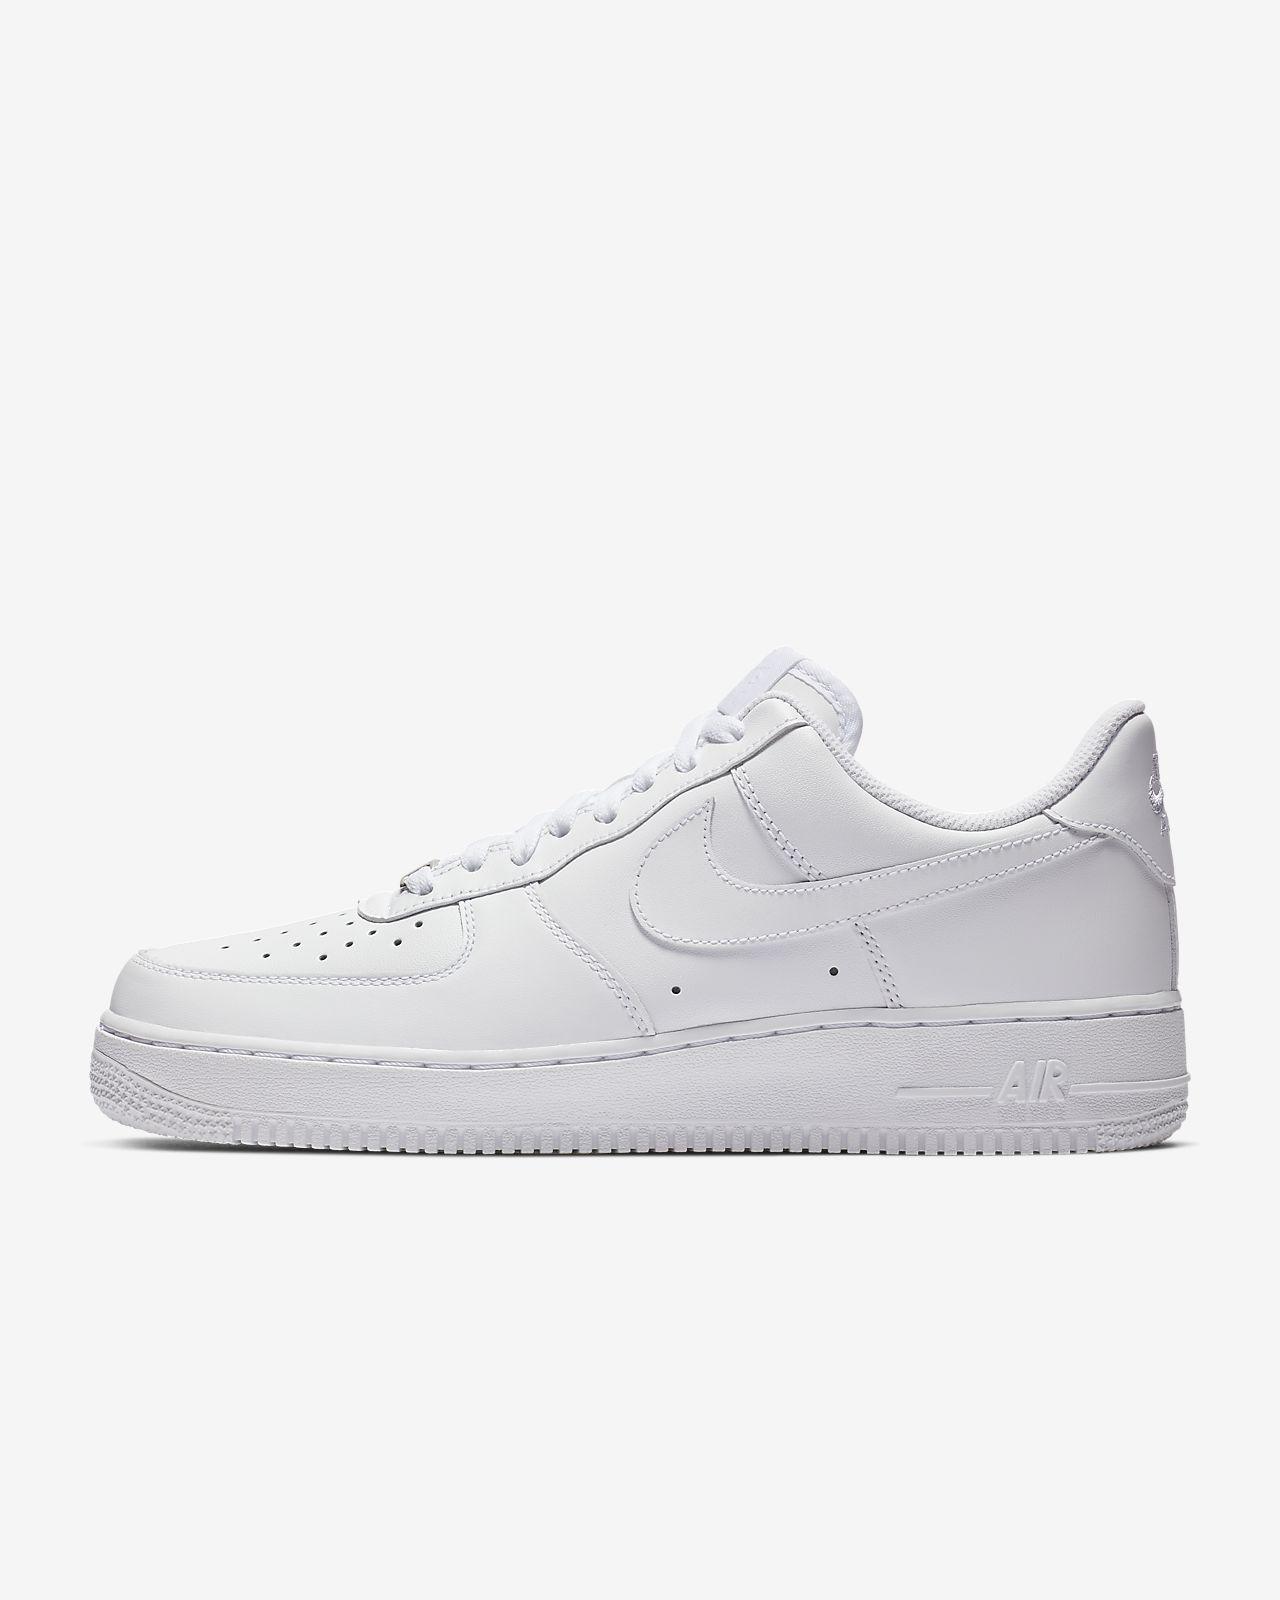 zapatillas nike air force 1 deportivas bajas blancas